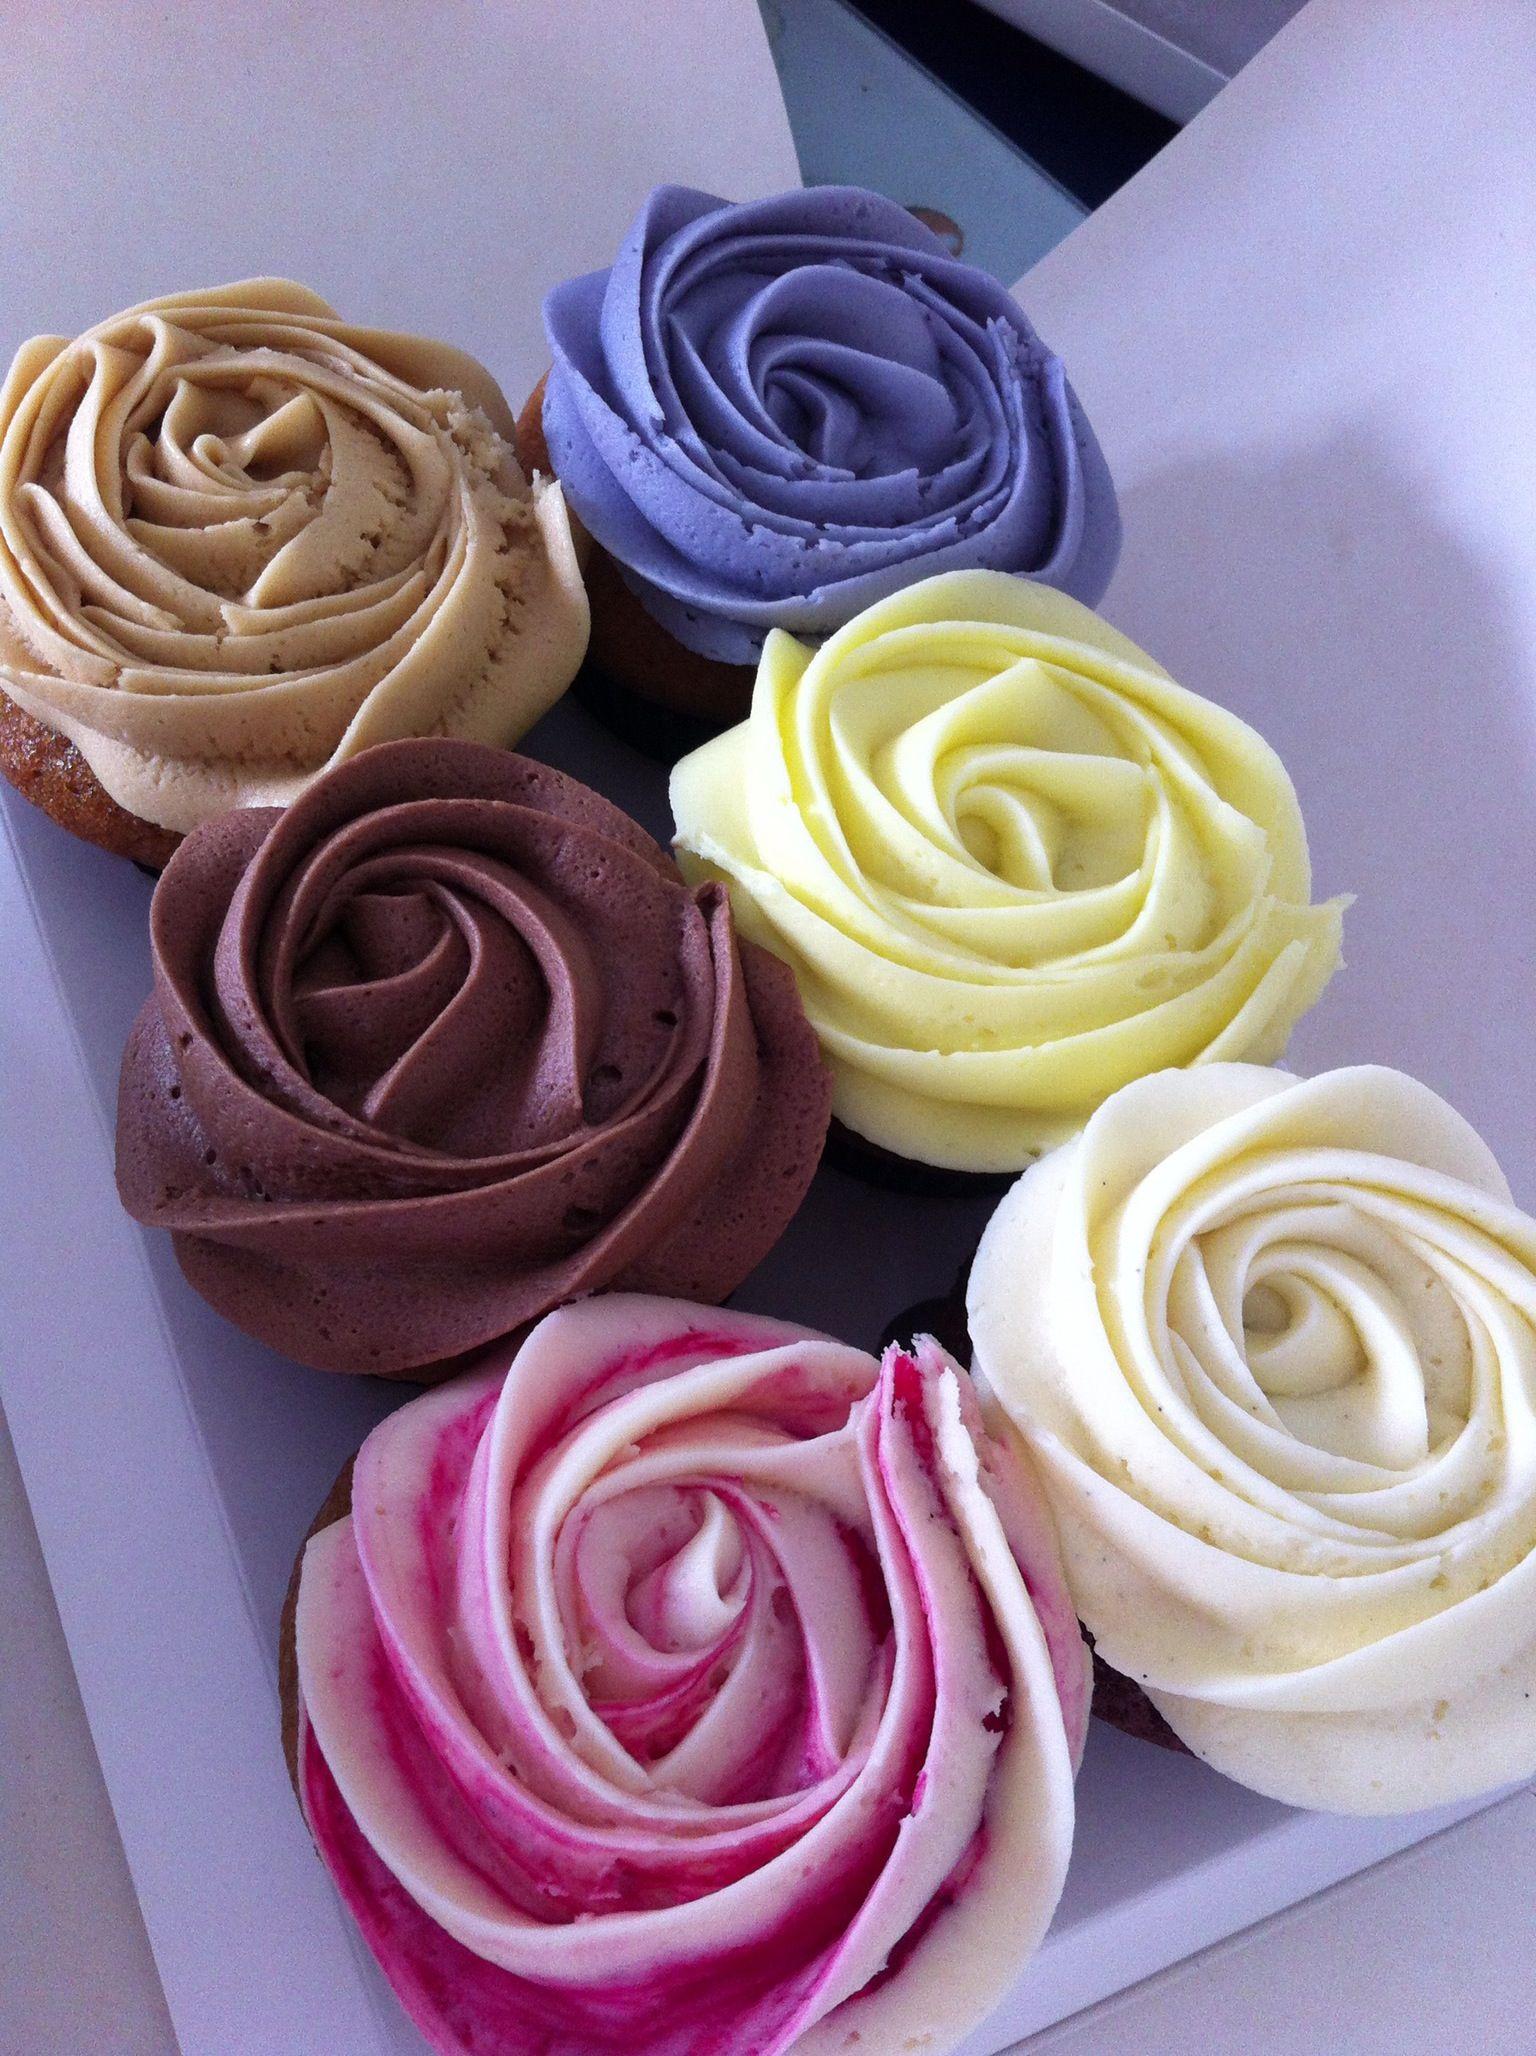 Petal Cupcakes @petalcupcakes #auckland #newmarket #petalcupcakes #petal.